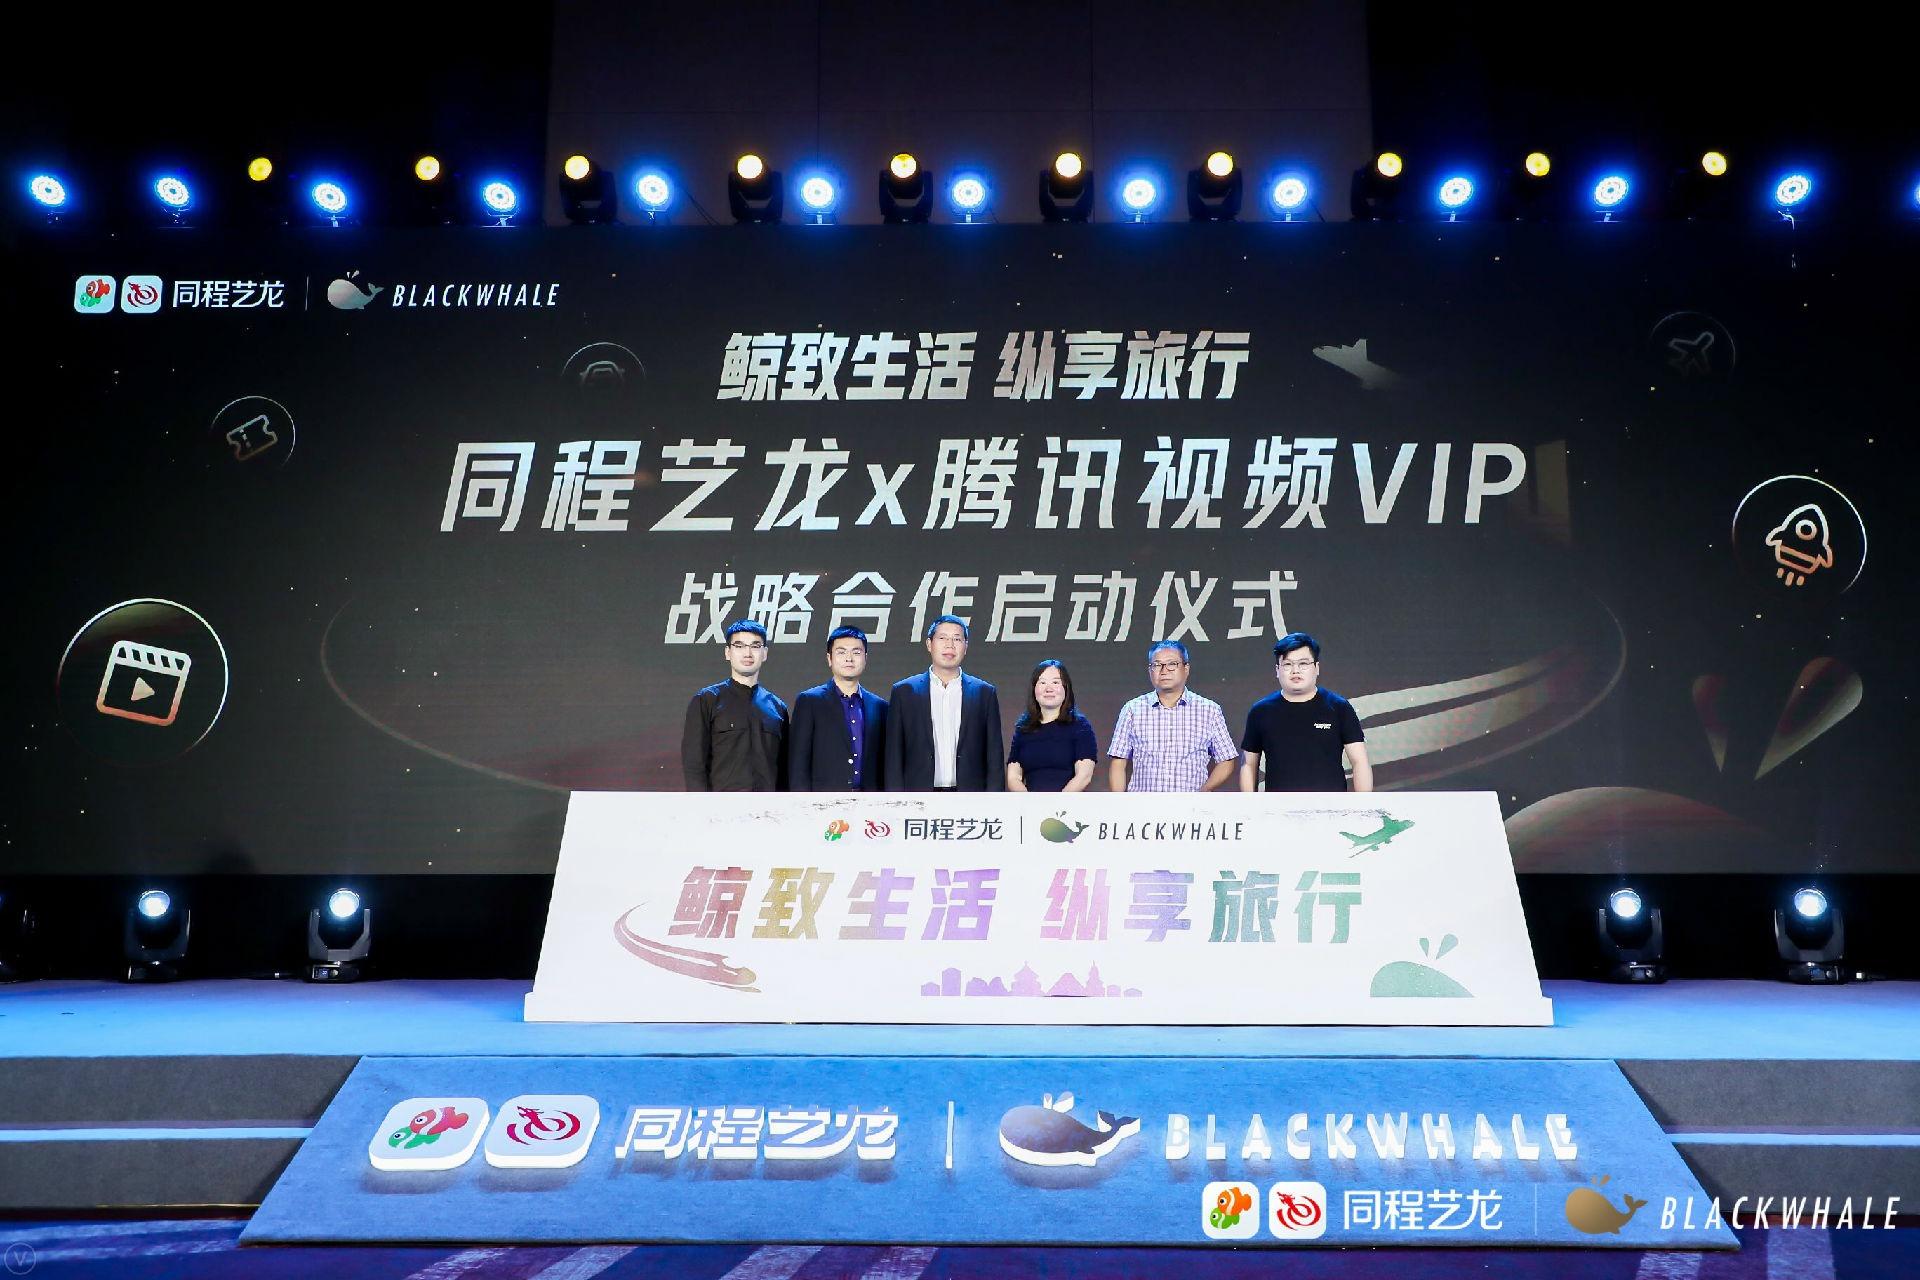 同程艺龙与腾讯视频签订战略合作,升级付费会员产品黑鲸会员